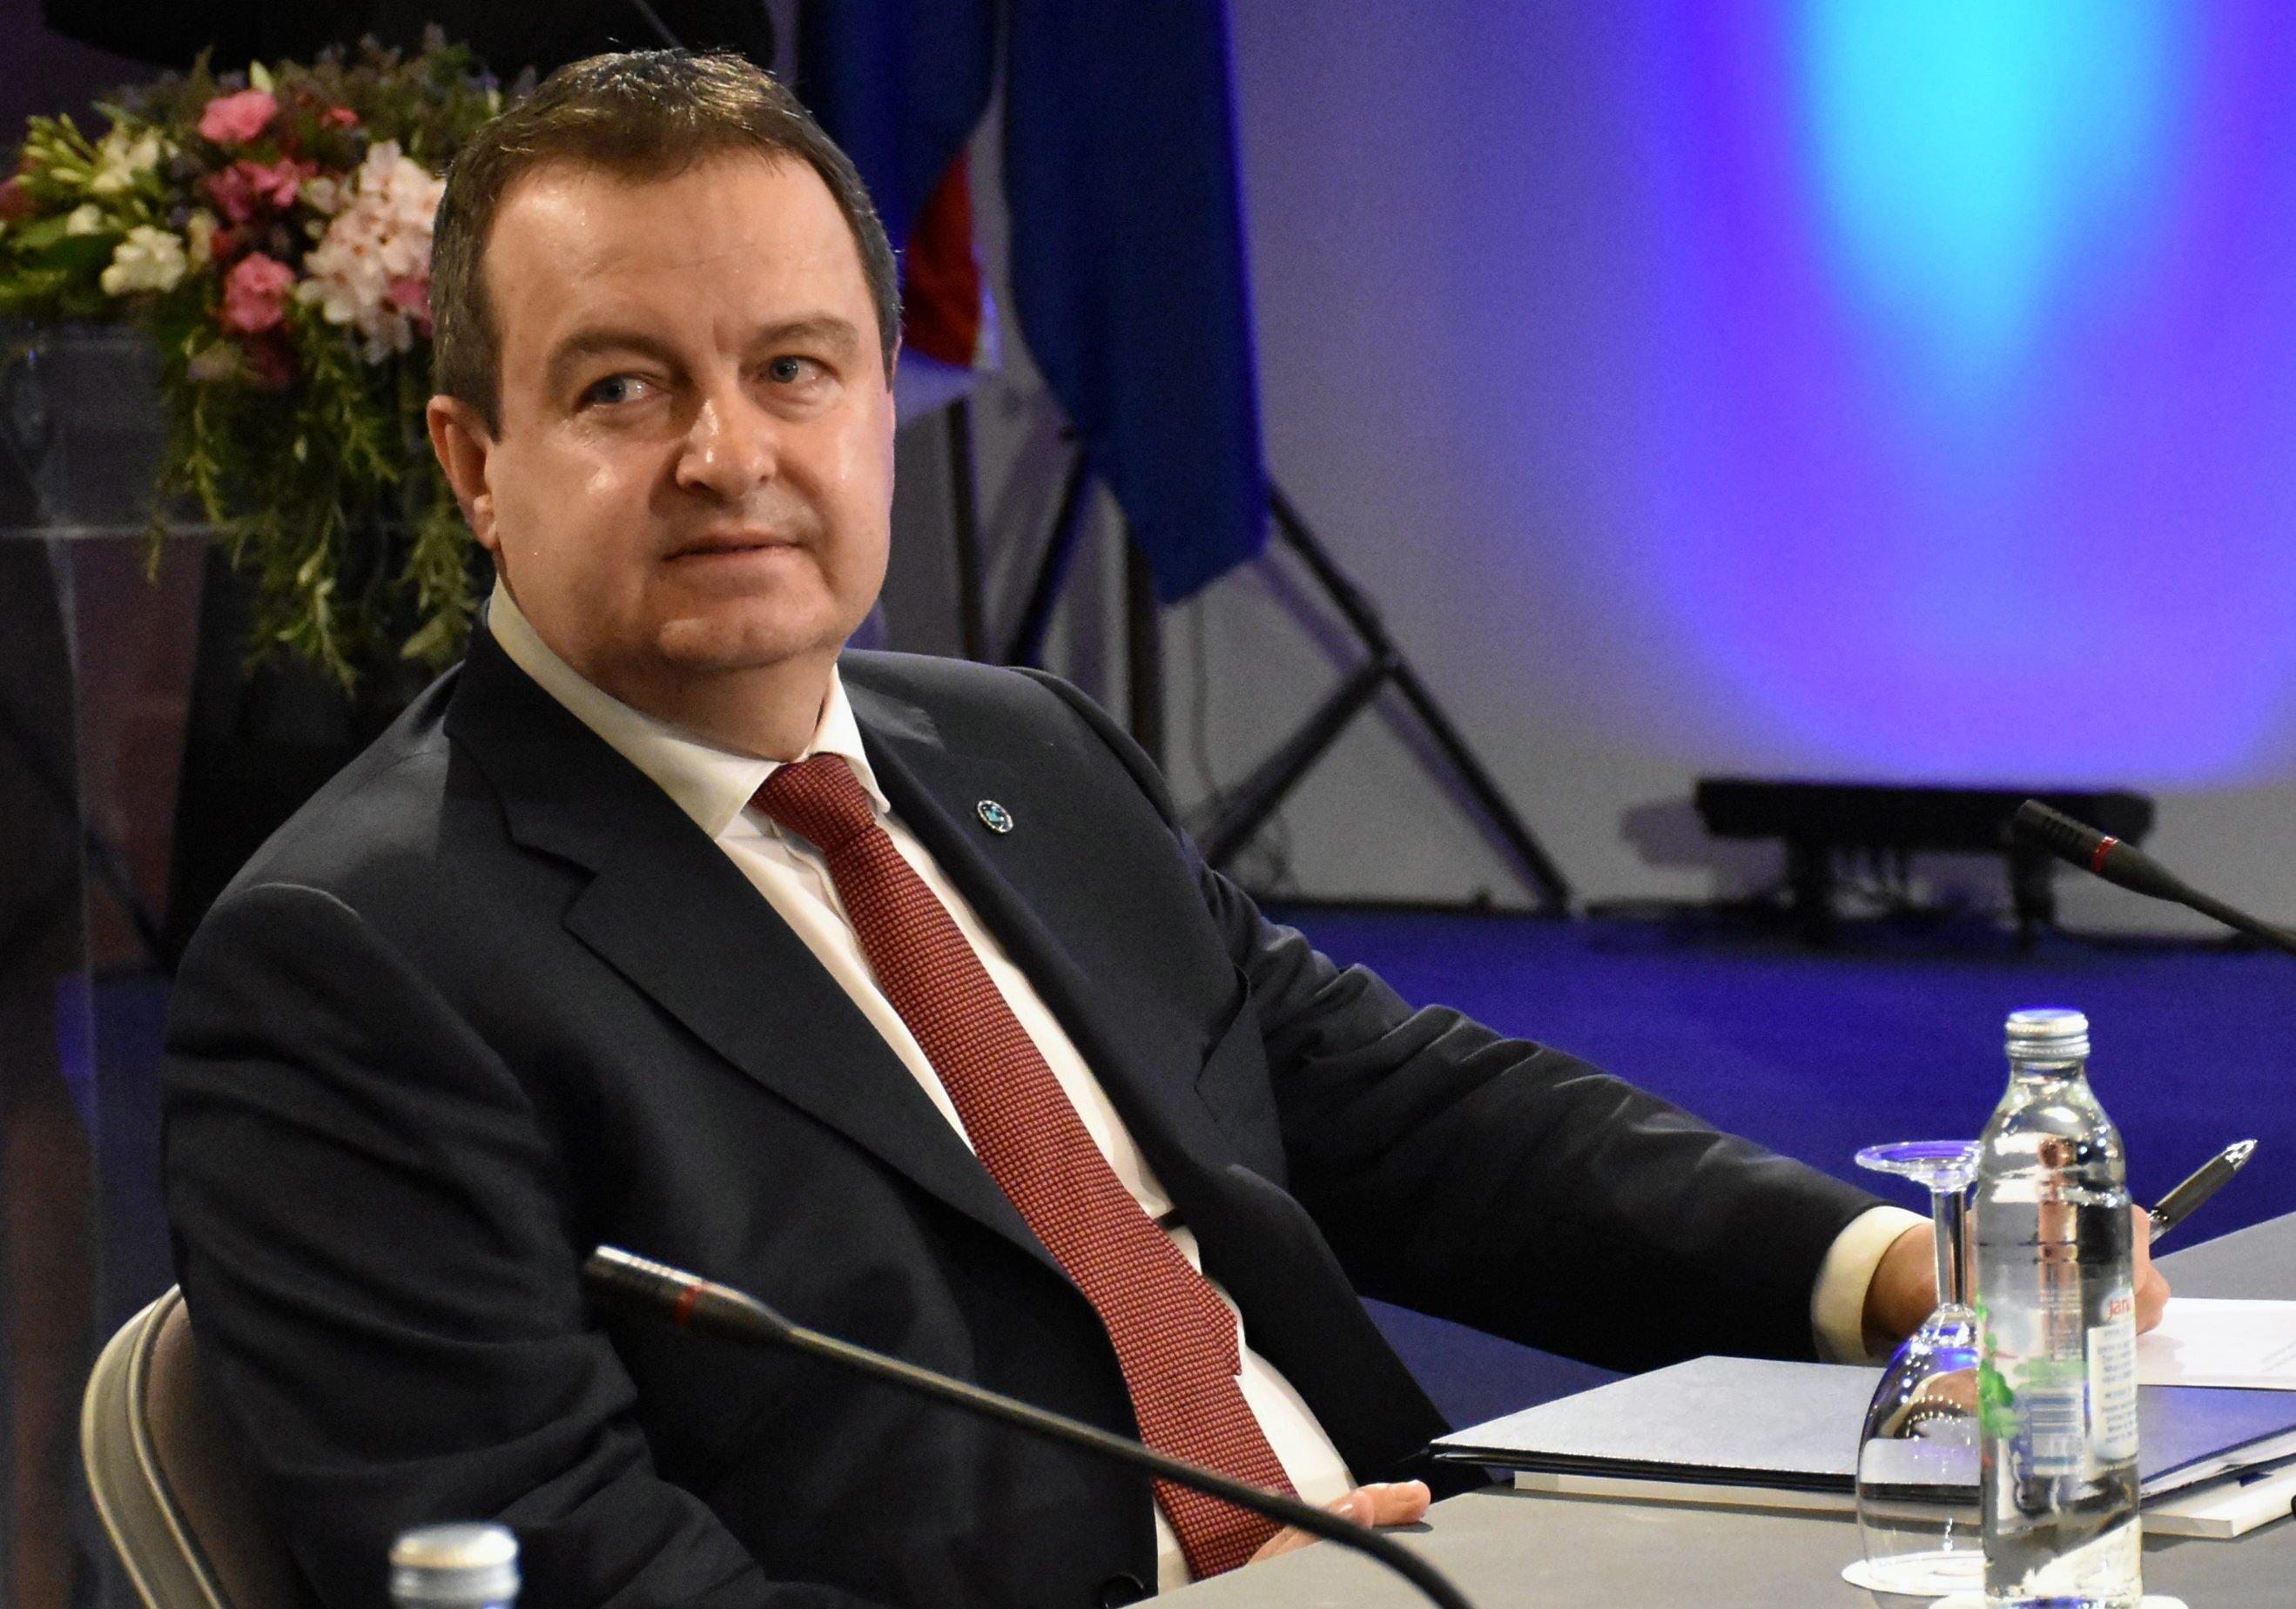 Вмире идёт уже нехолодная, аледяная вражда — руководитель МИД Сербии